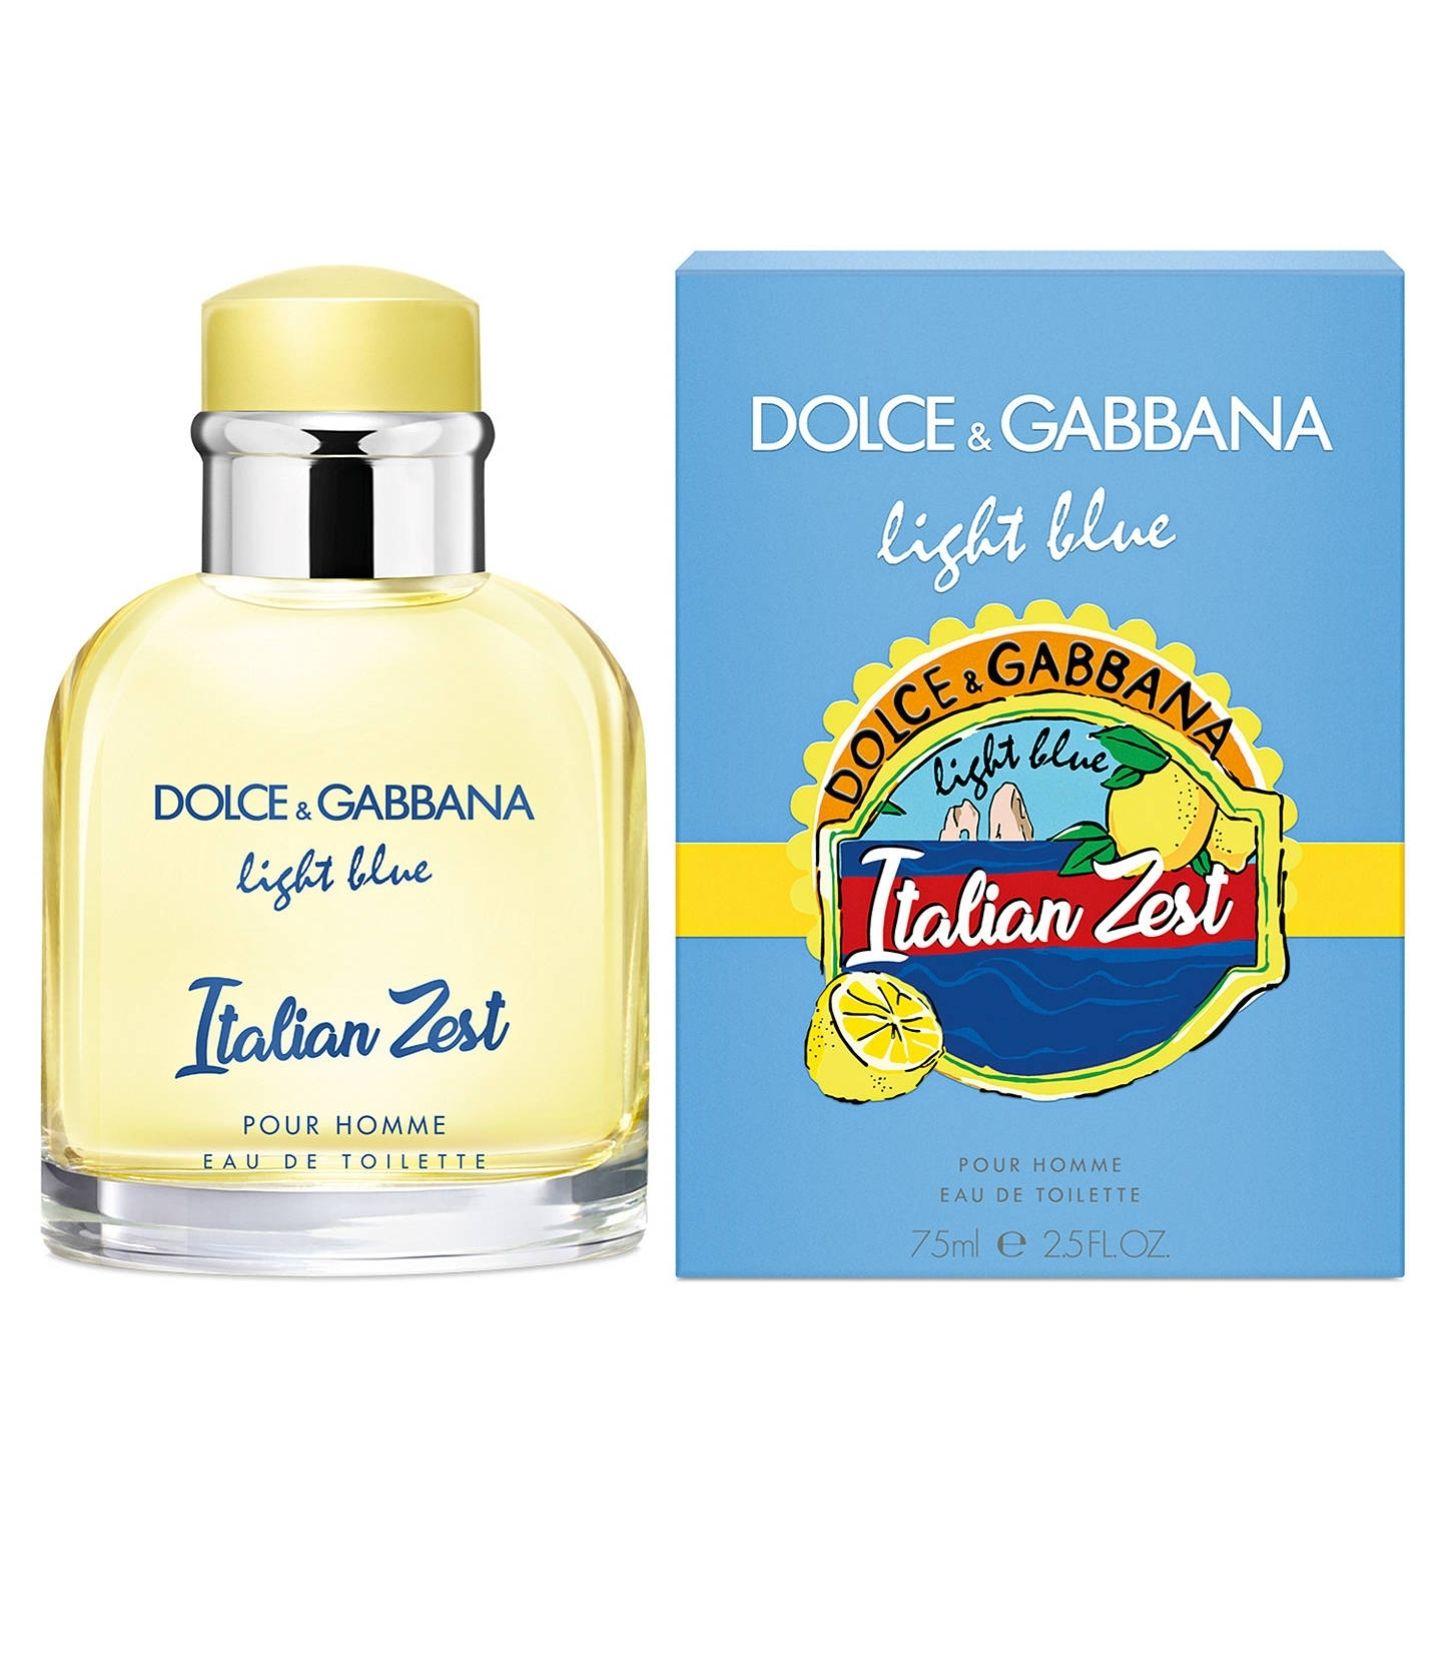 Dolce & Gabbana Light Blue Pour Homme Italian Zest Eau de Toilette Spray 75ml £22.35 using code @ Escentual Delivered